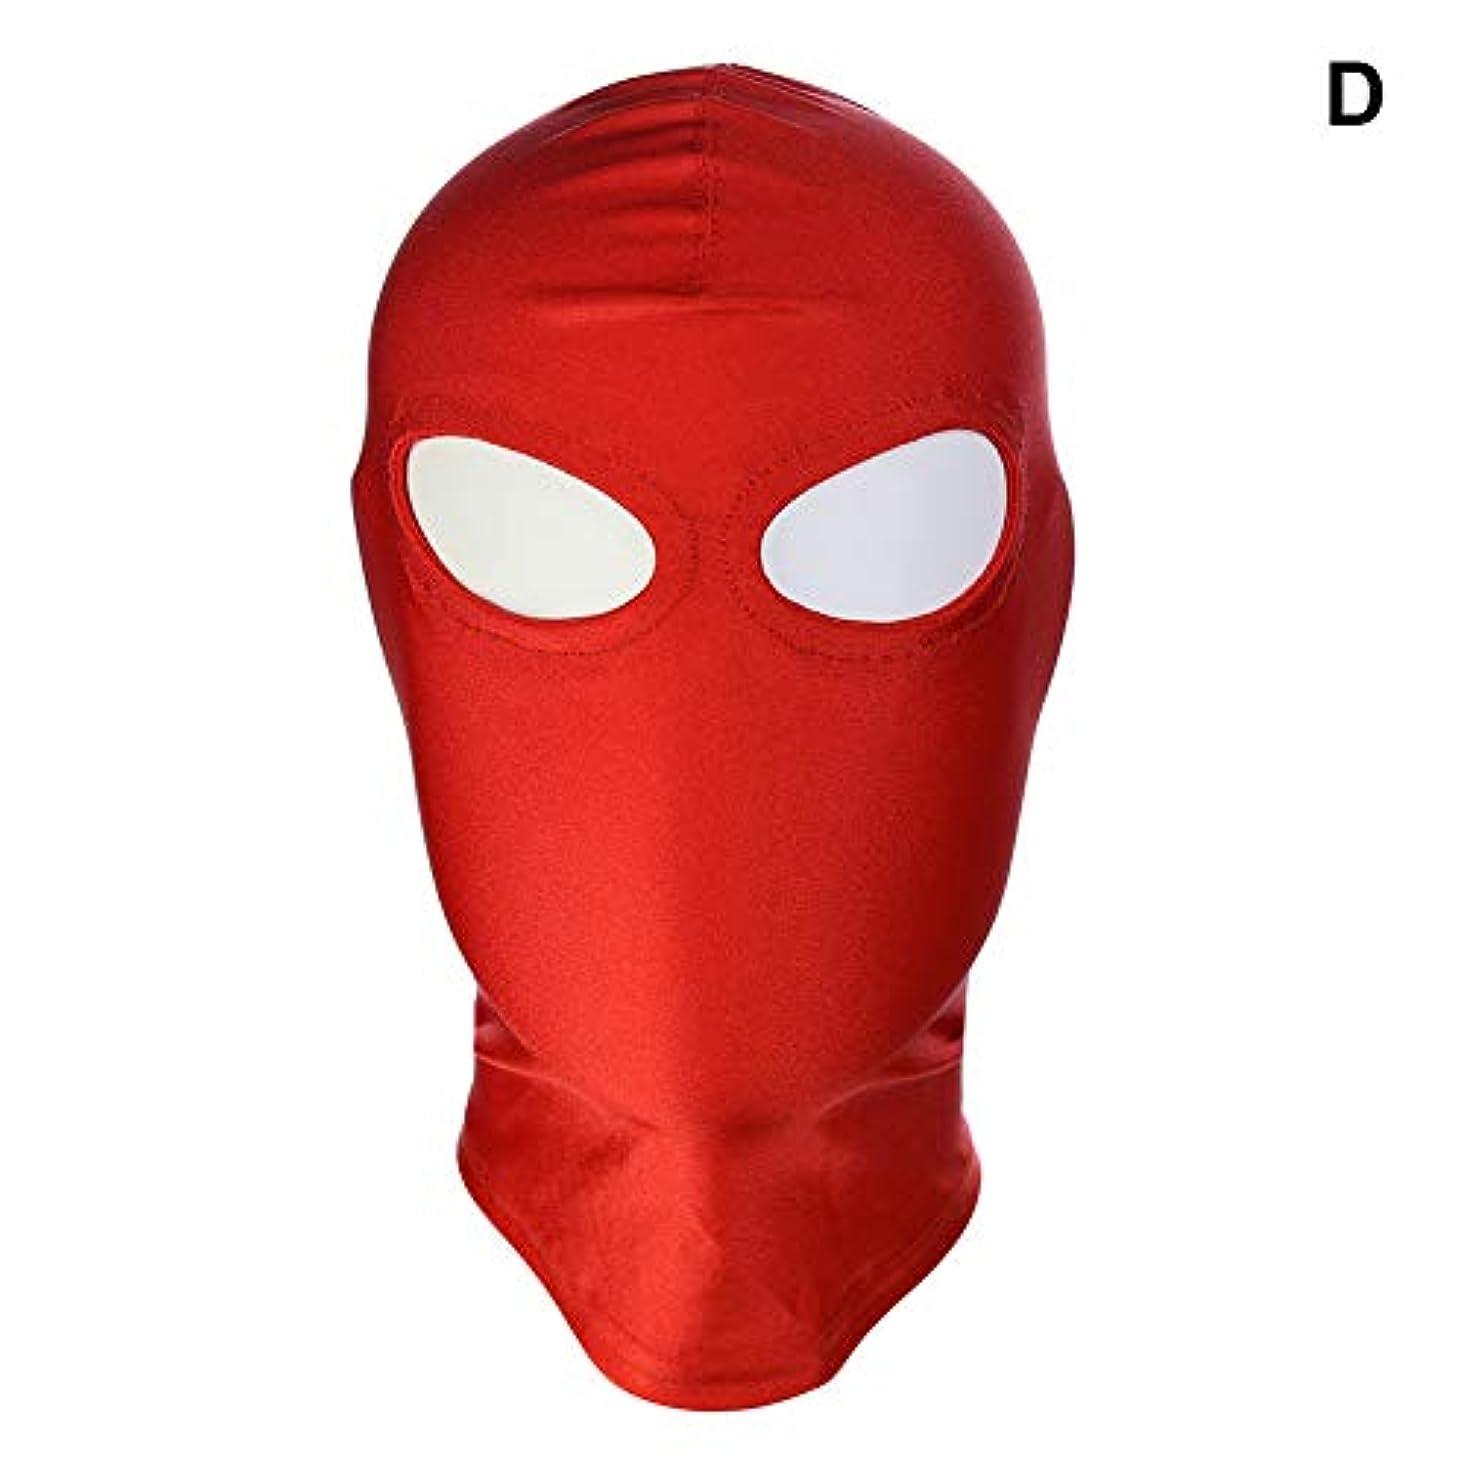 プレゼント二年生調和のとれたAlligado 1ピースマスクフードセックスグッズ製品ゲームコスプレボンデージヘッドギア安全なハロウィーンギフト